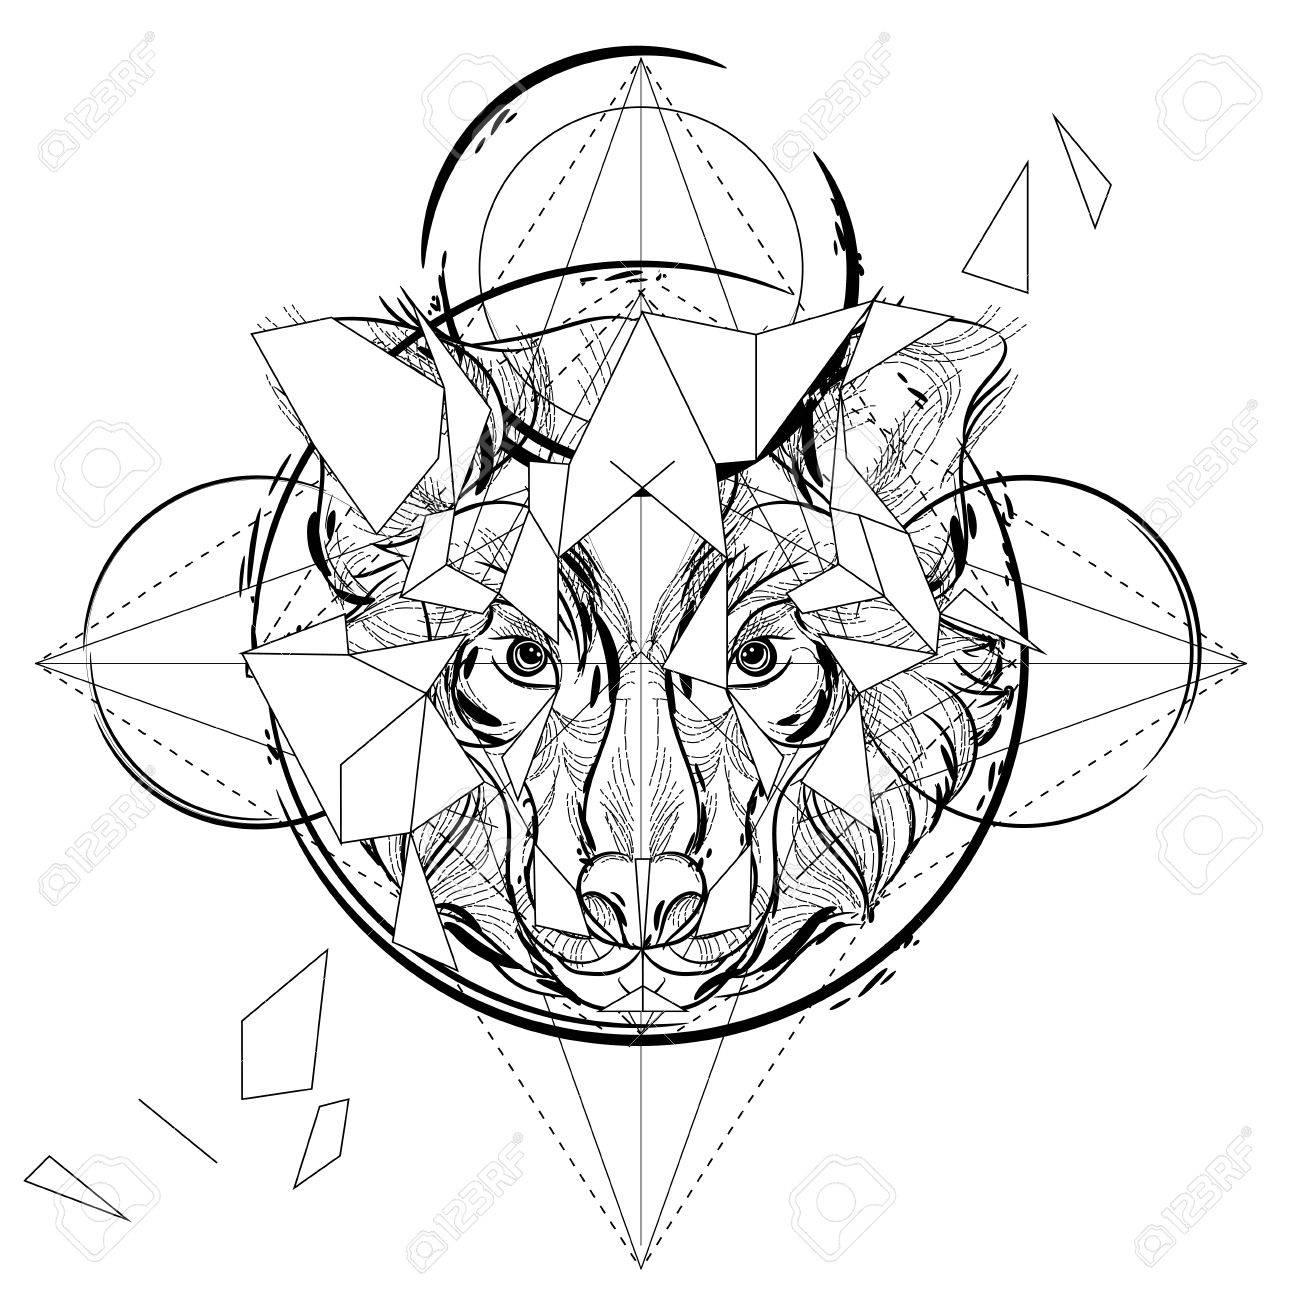 Ungewöhnlich Malvorlagen Designs Geometrisch Bilder - Malvorlagen ...